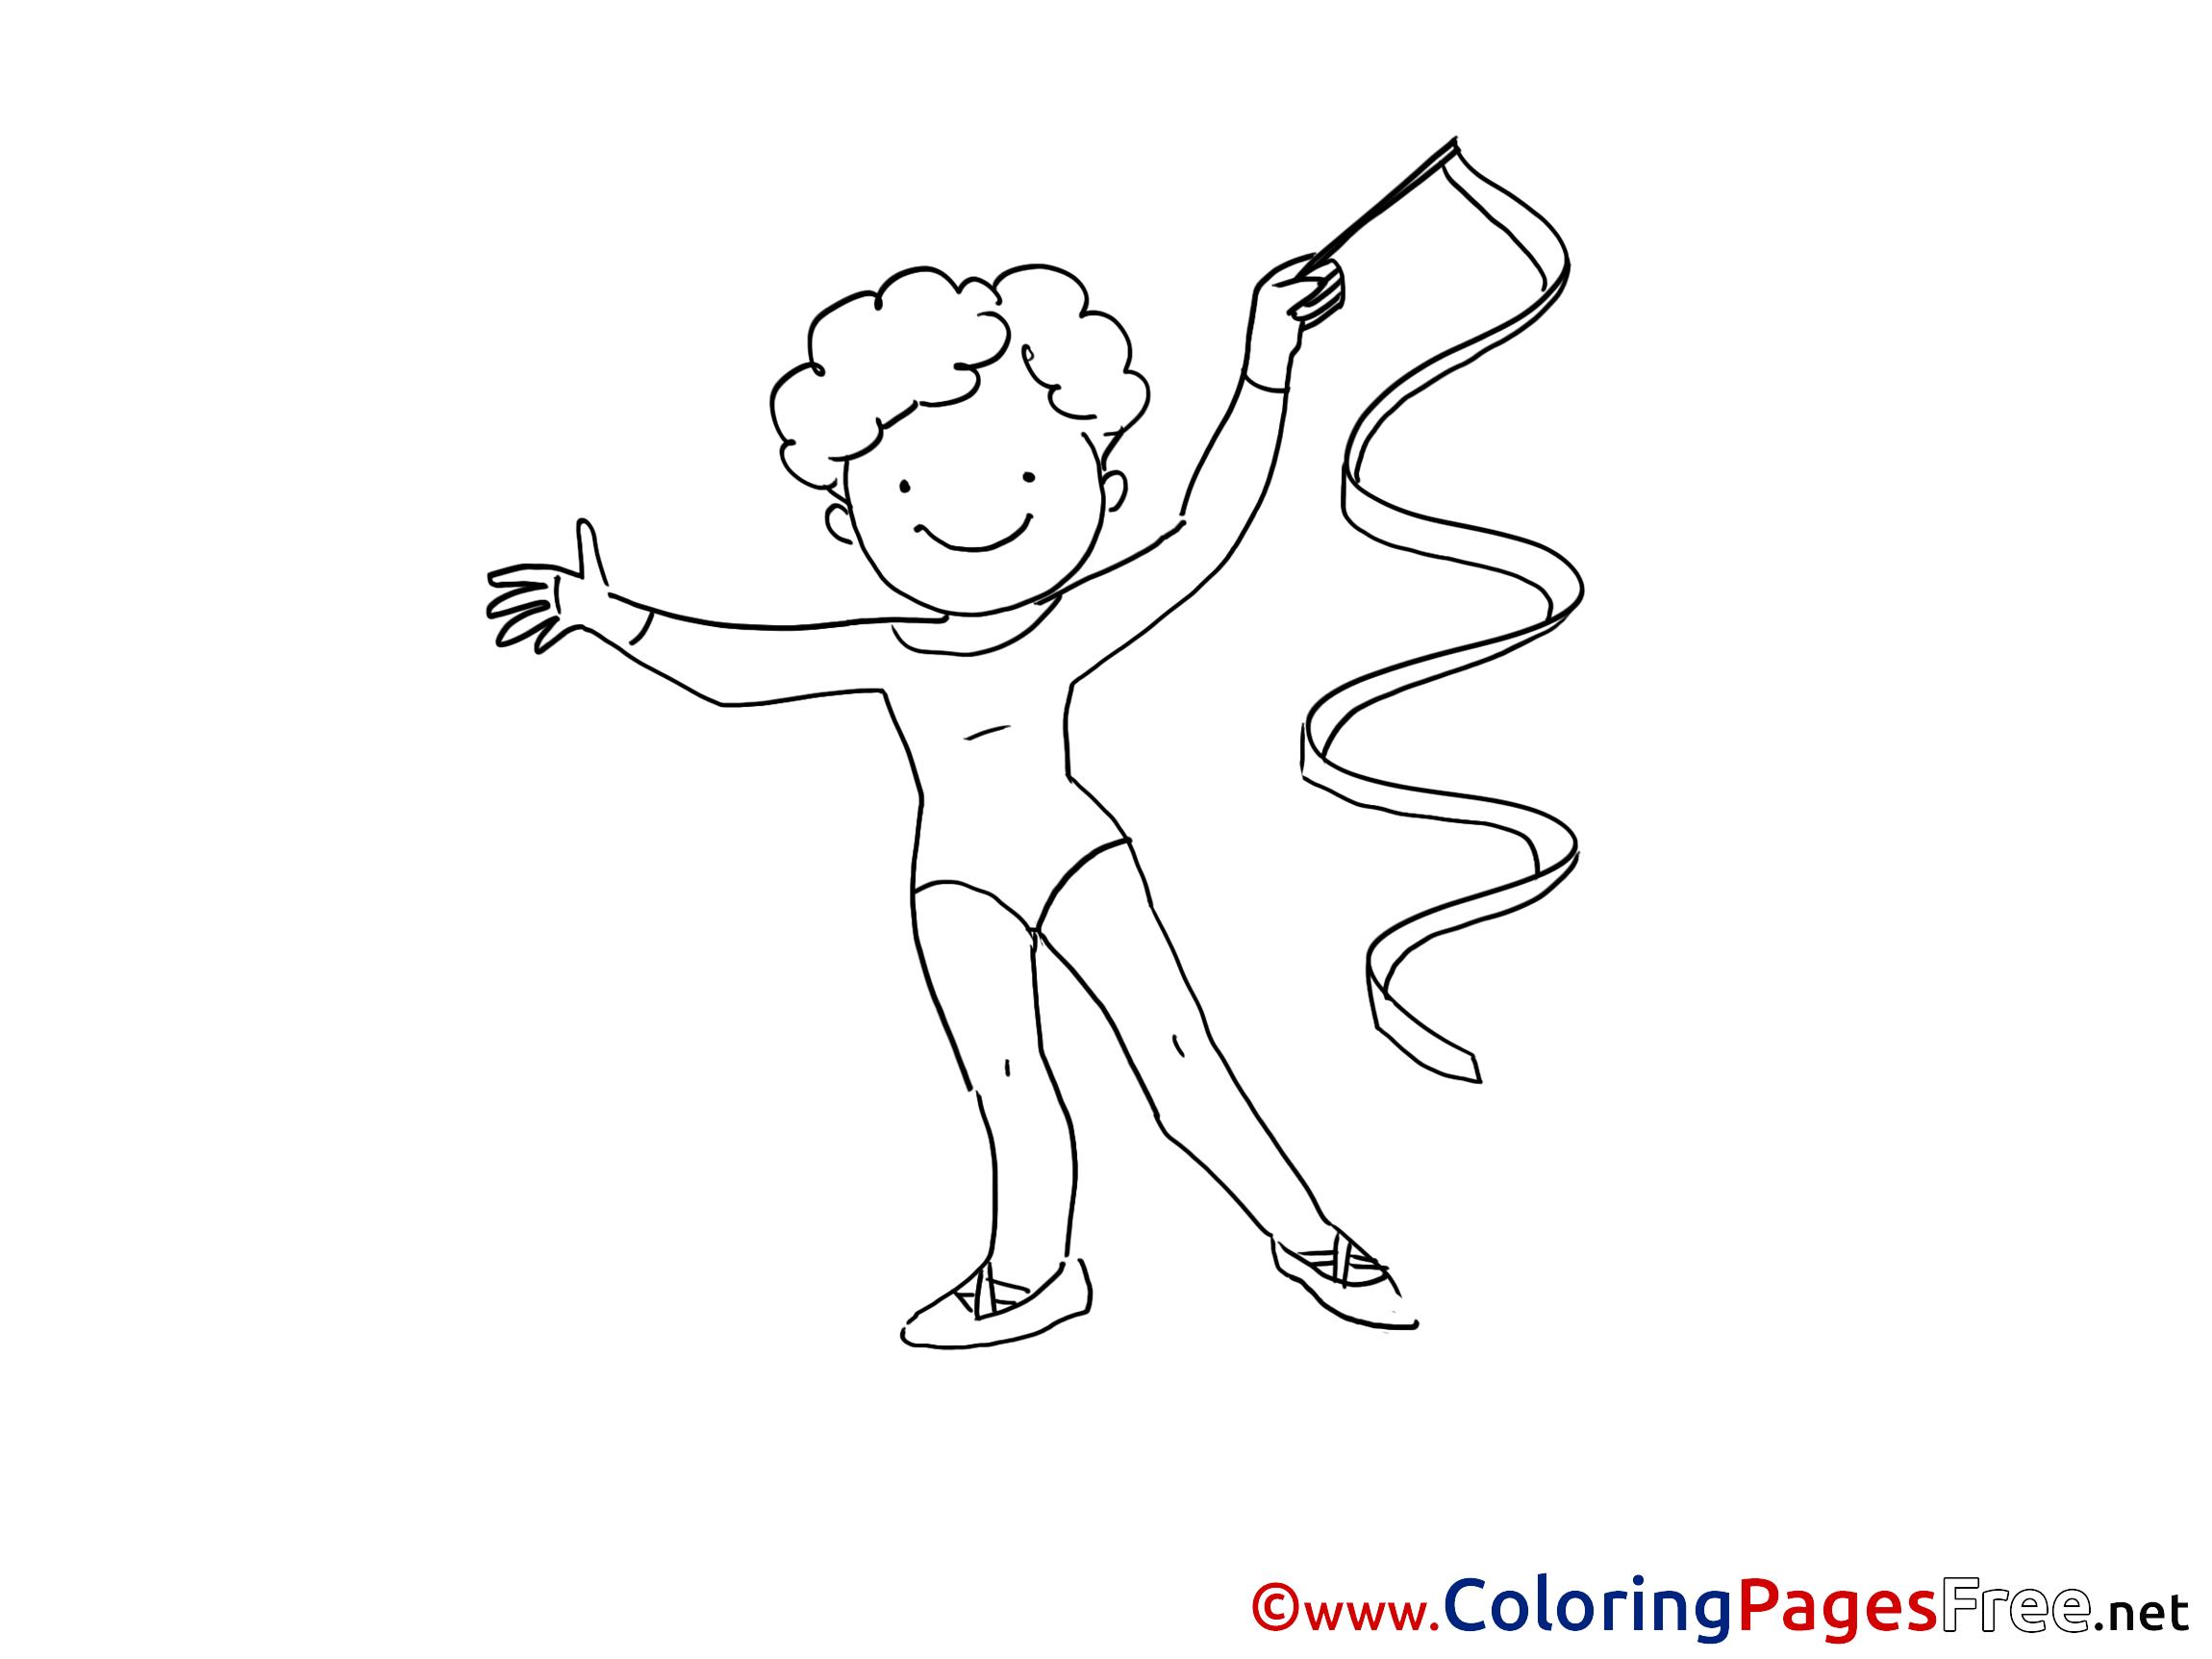 Gymnastics for Kids printable Colouring Page